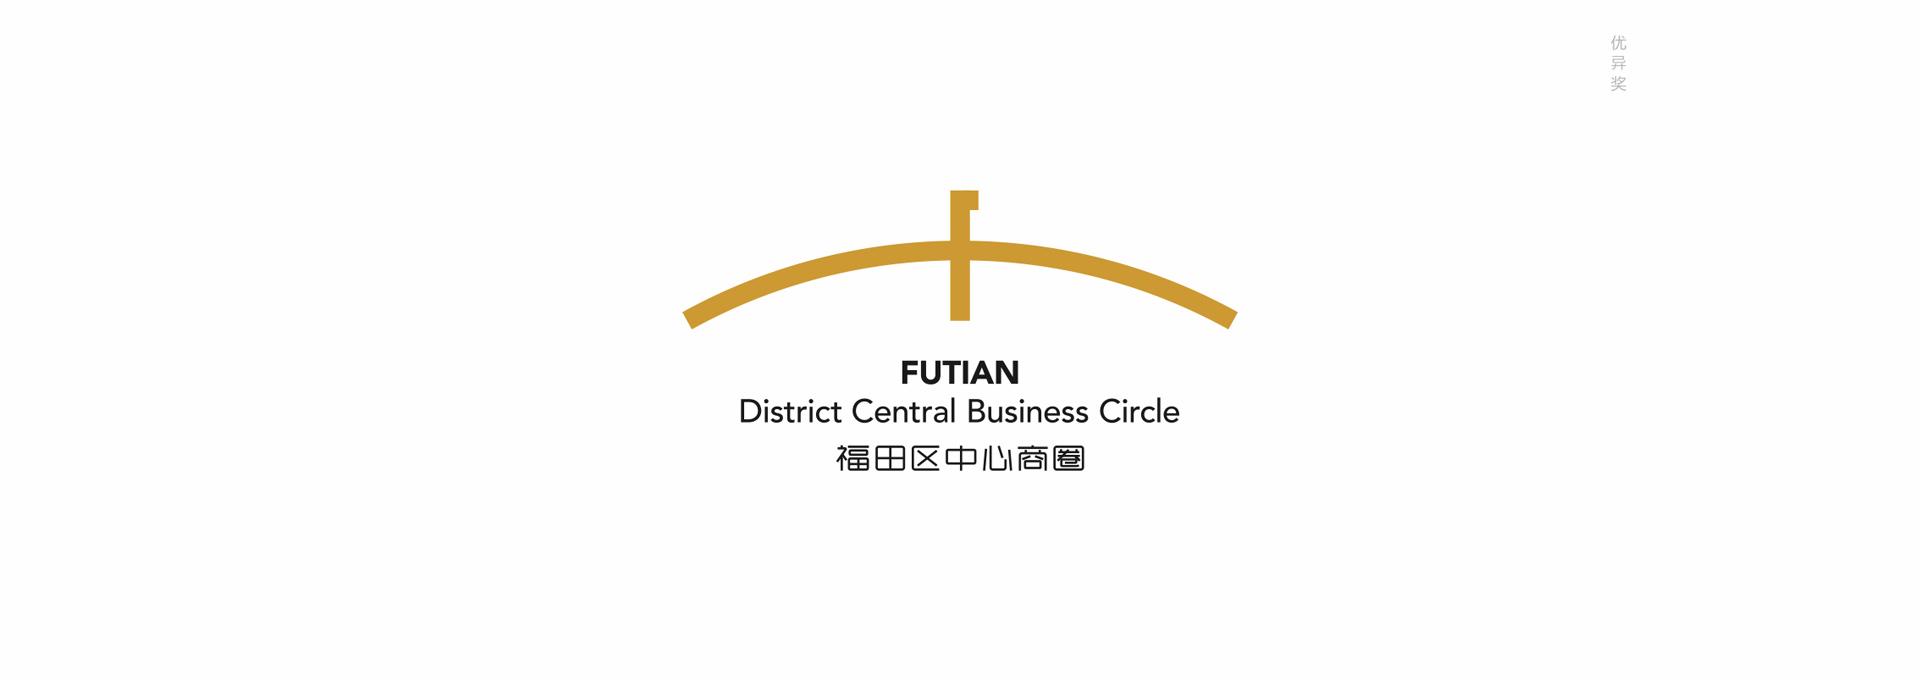 FUTIAN